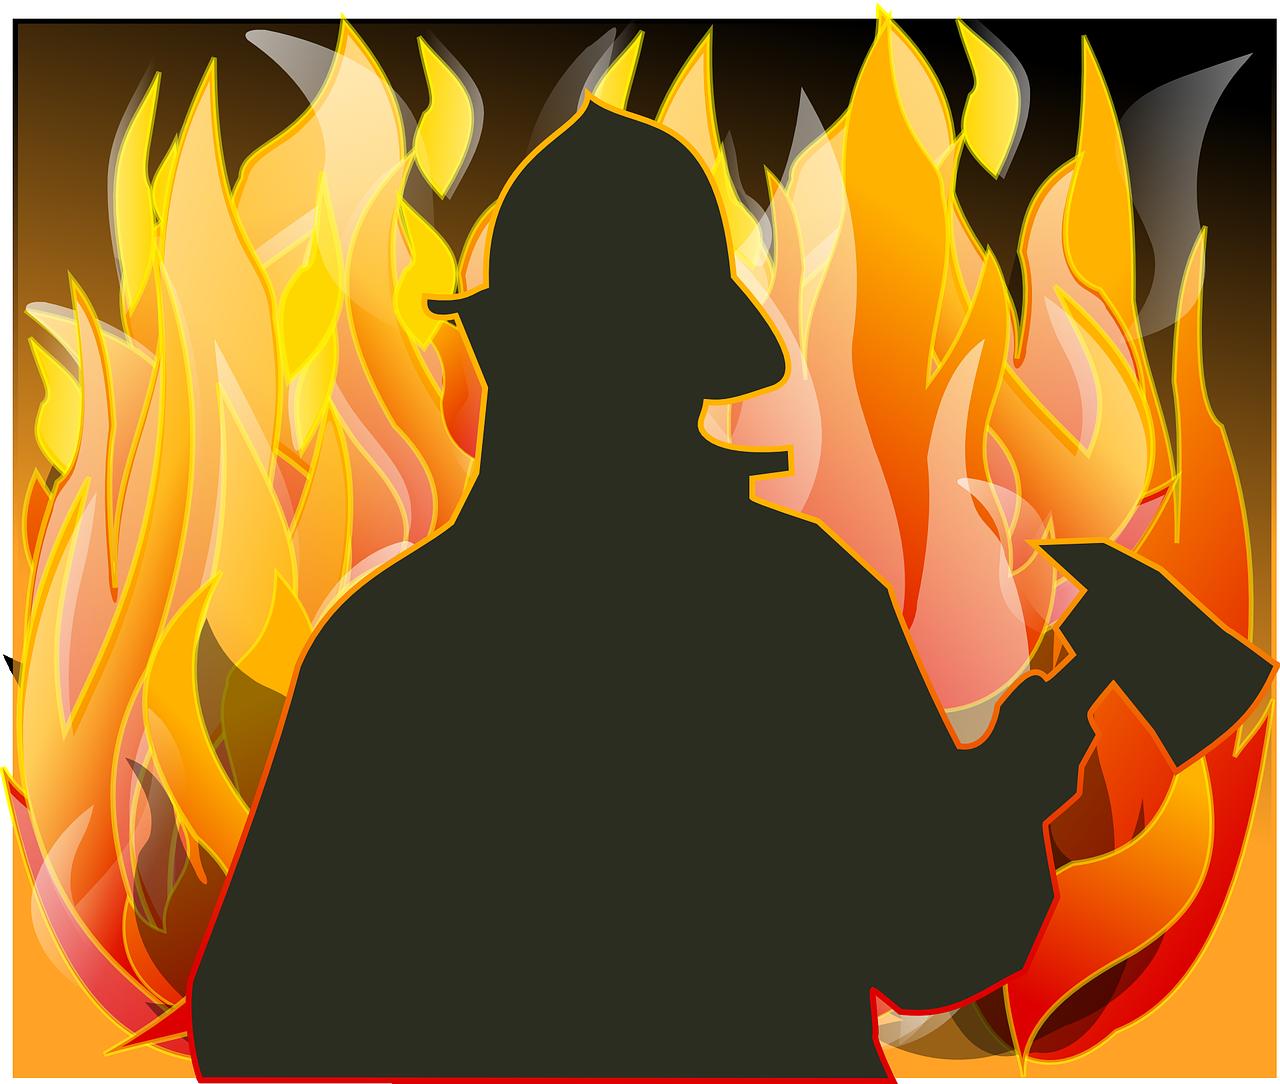 Пожарно-технический минимум для руководителей, лиц, ответственных за пожарную безопасность.